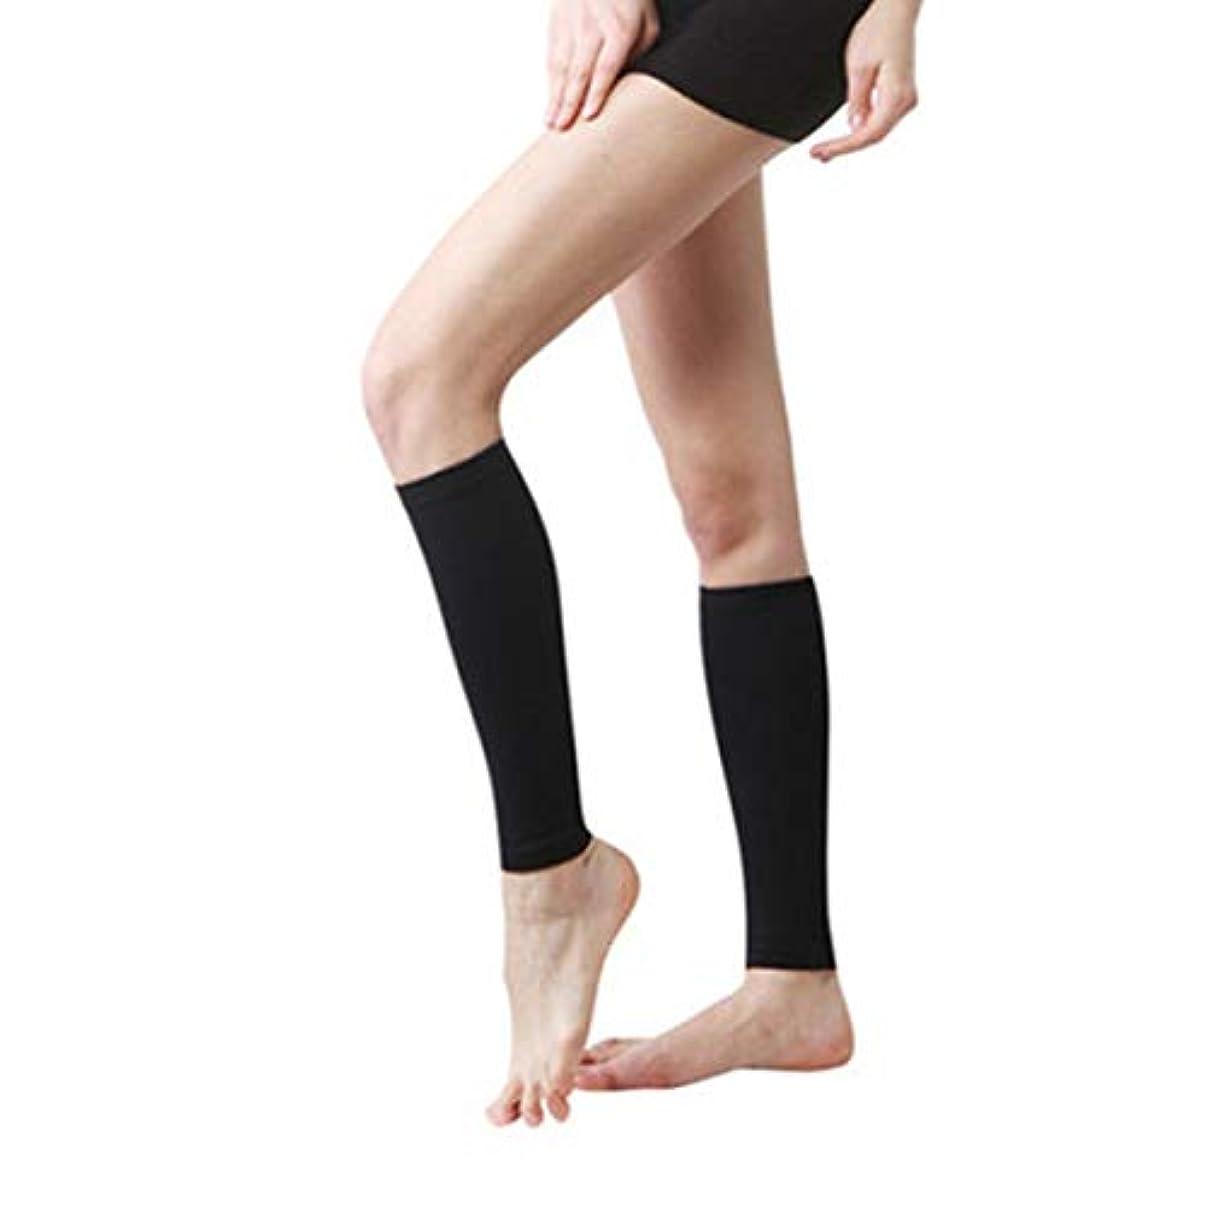 ハドル統計的生き残ります丈夫な男性女性プロの圧縮靴下通気性のある旅行活動看護師用シンススプリントフライトトラベル - ブラック